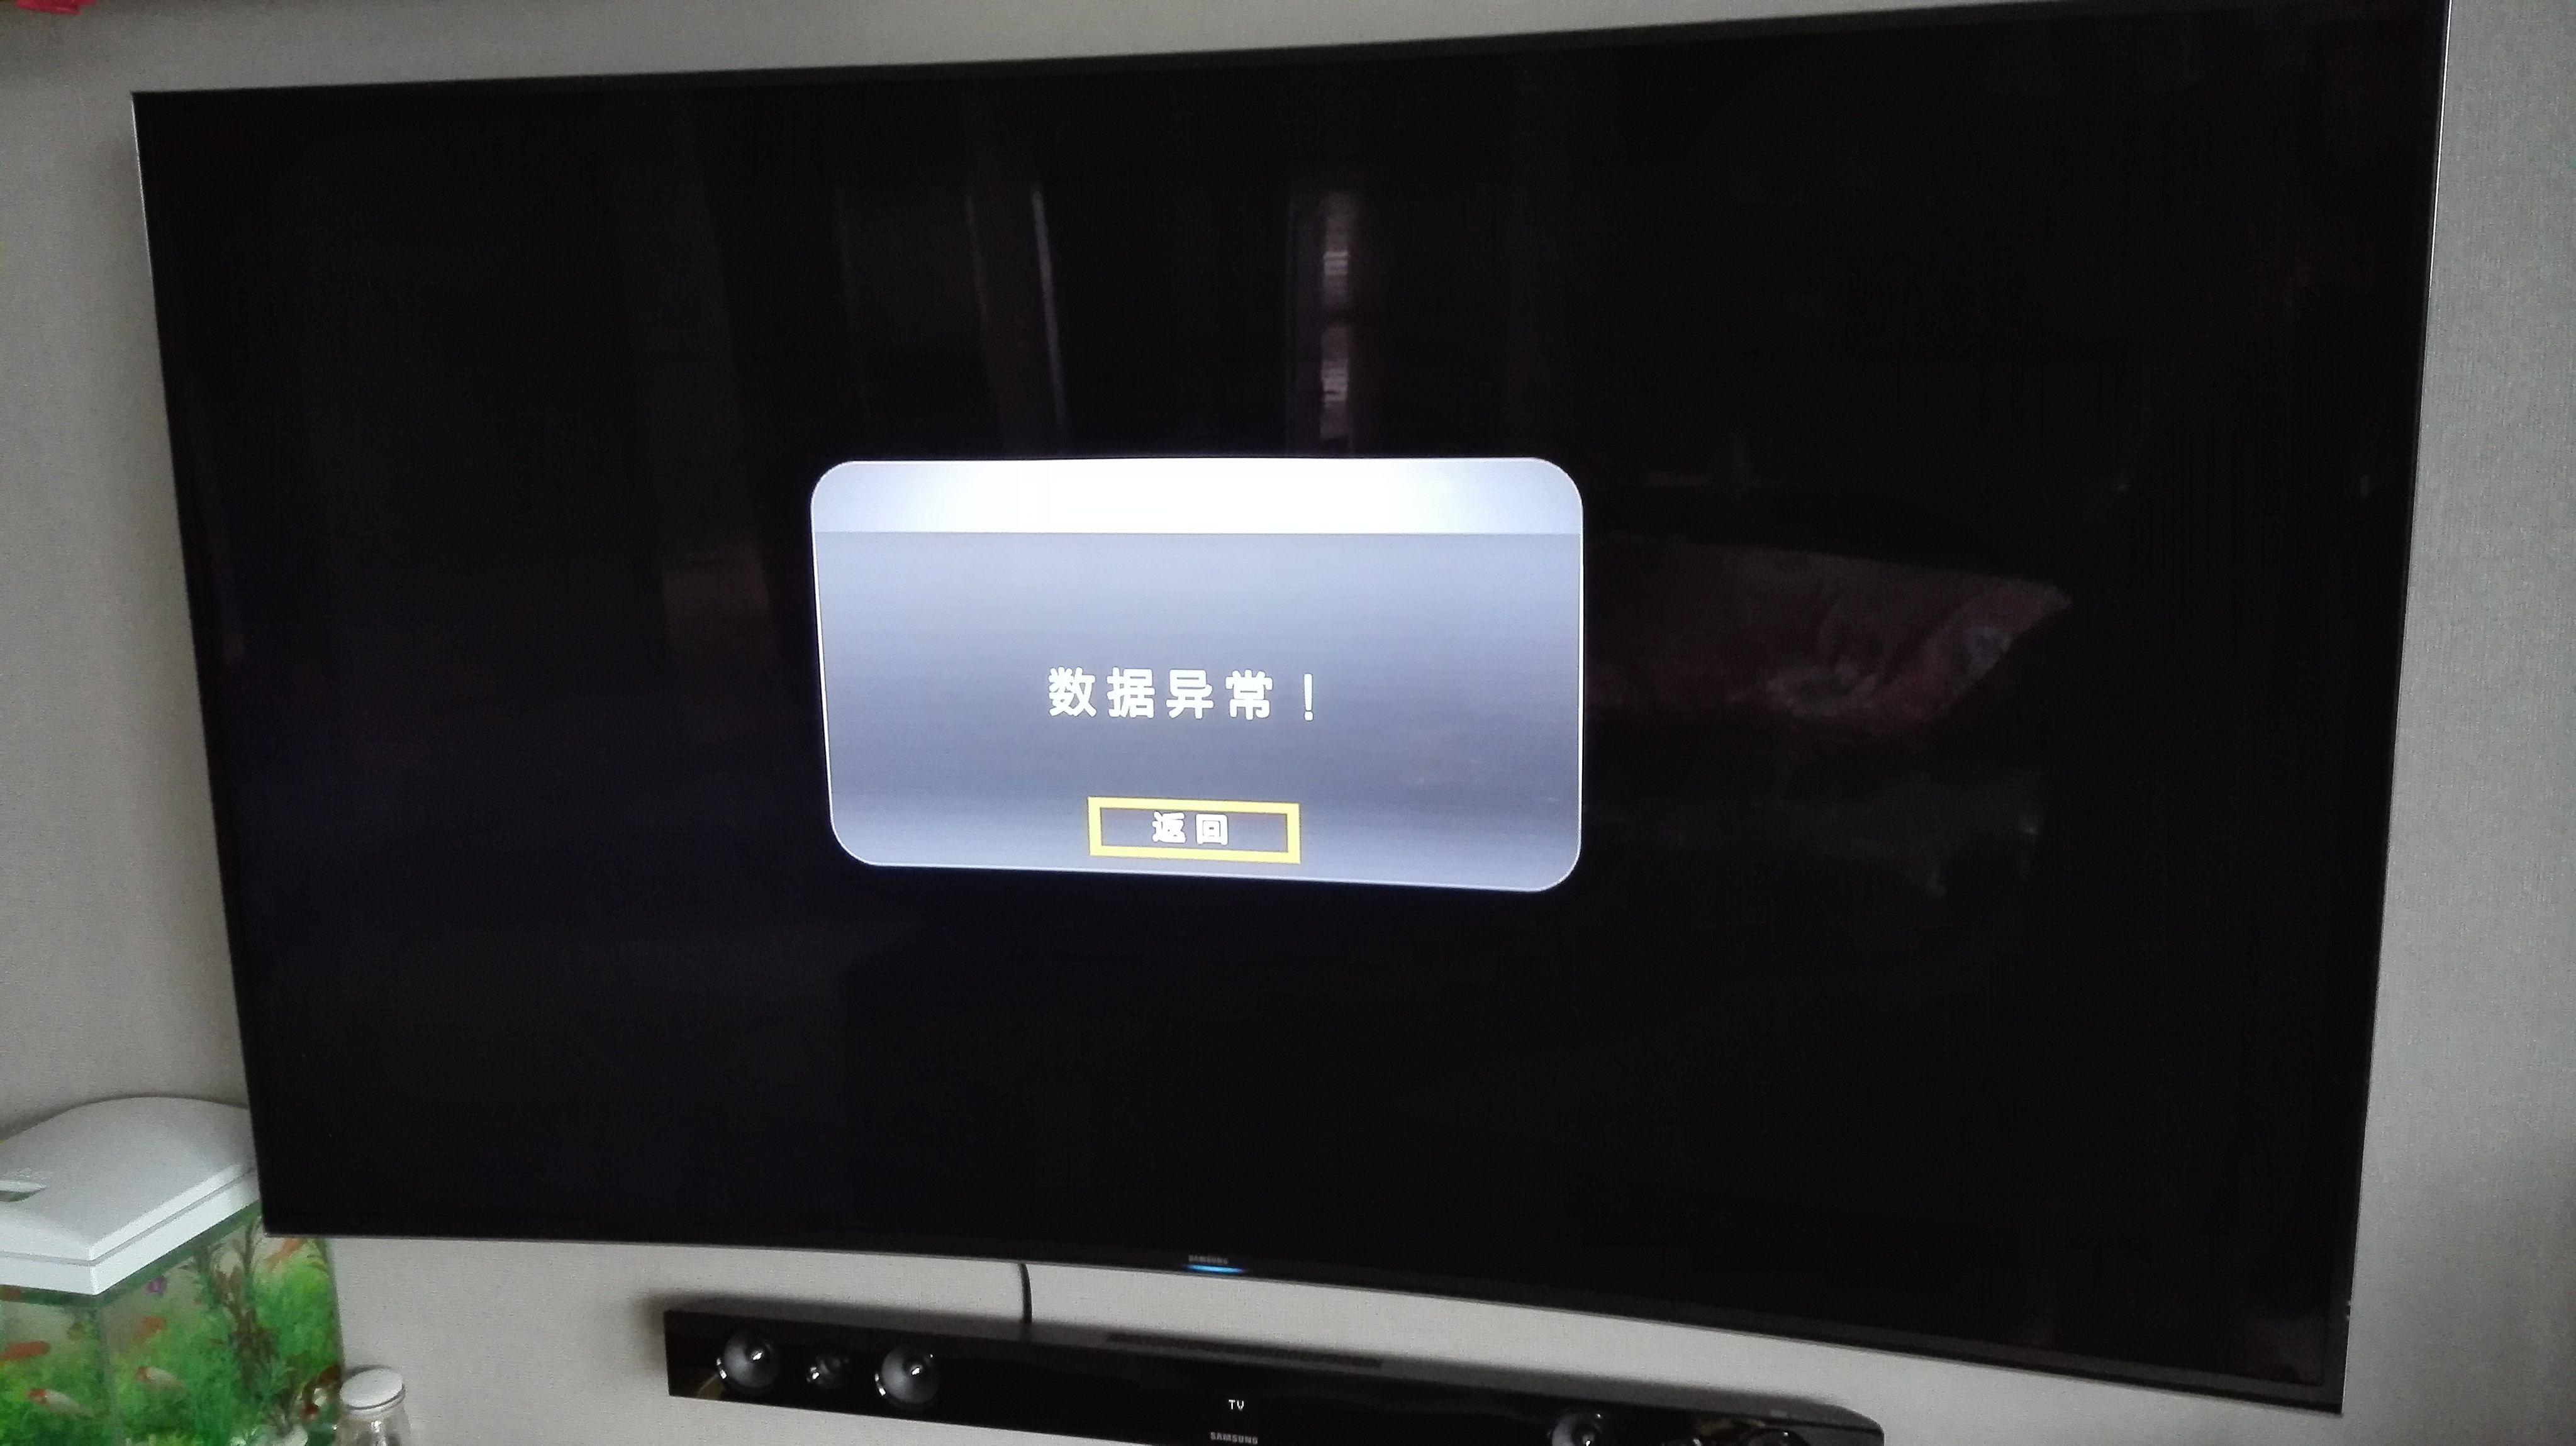 三星电视机中的中国互联网电视,数据异常.图片